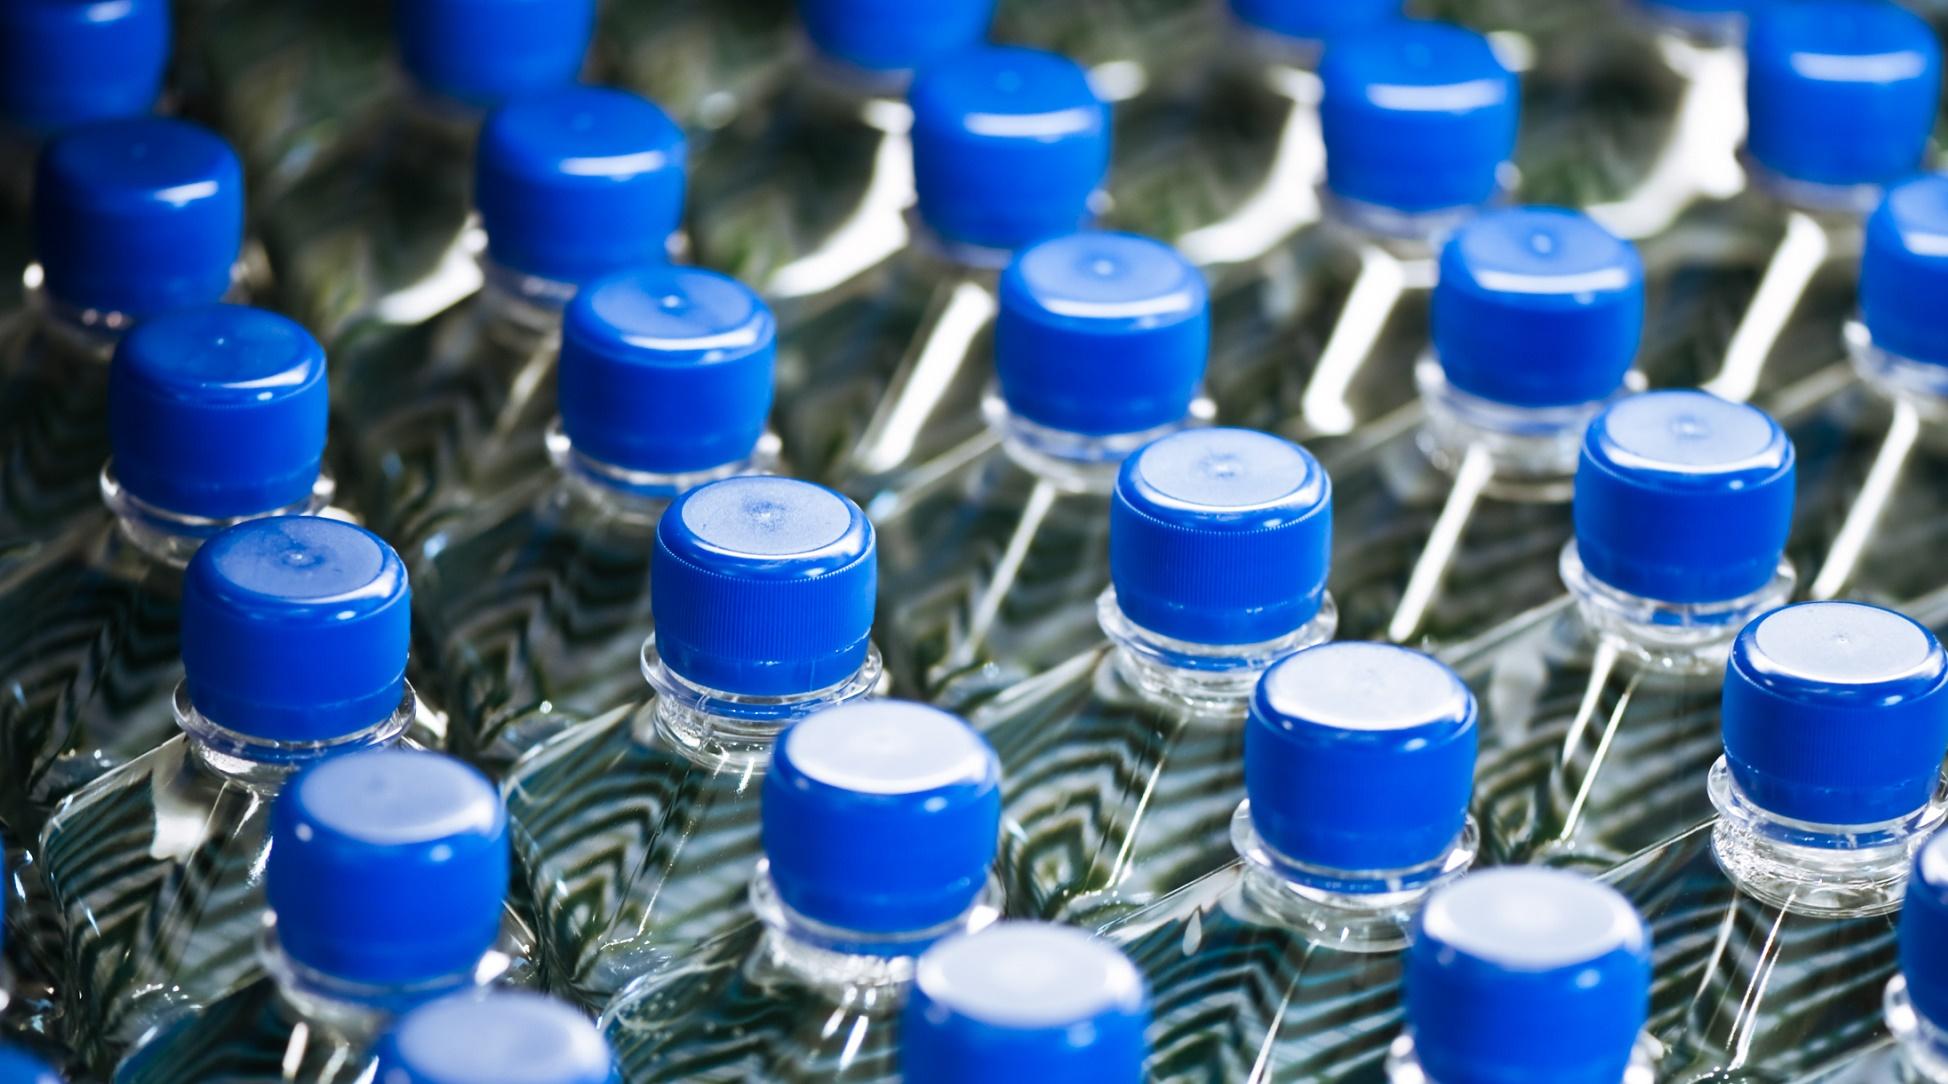 Esferas de agua: la alternativa a las botellas de plástico